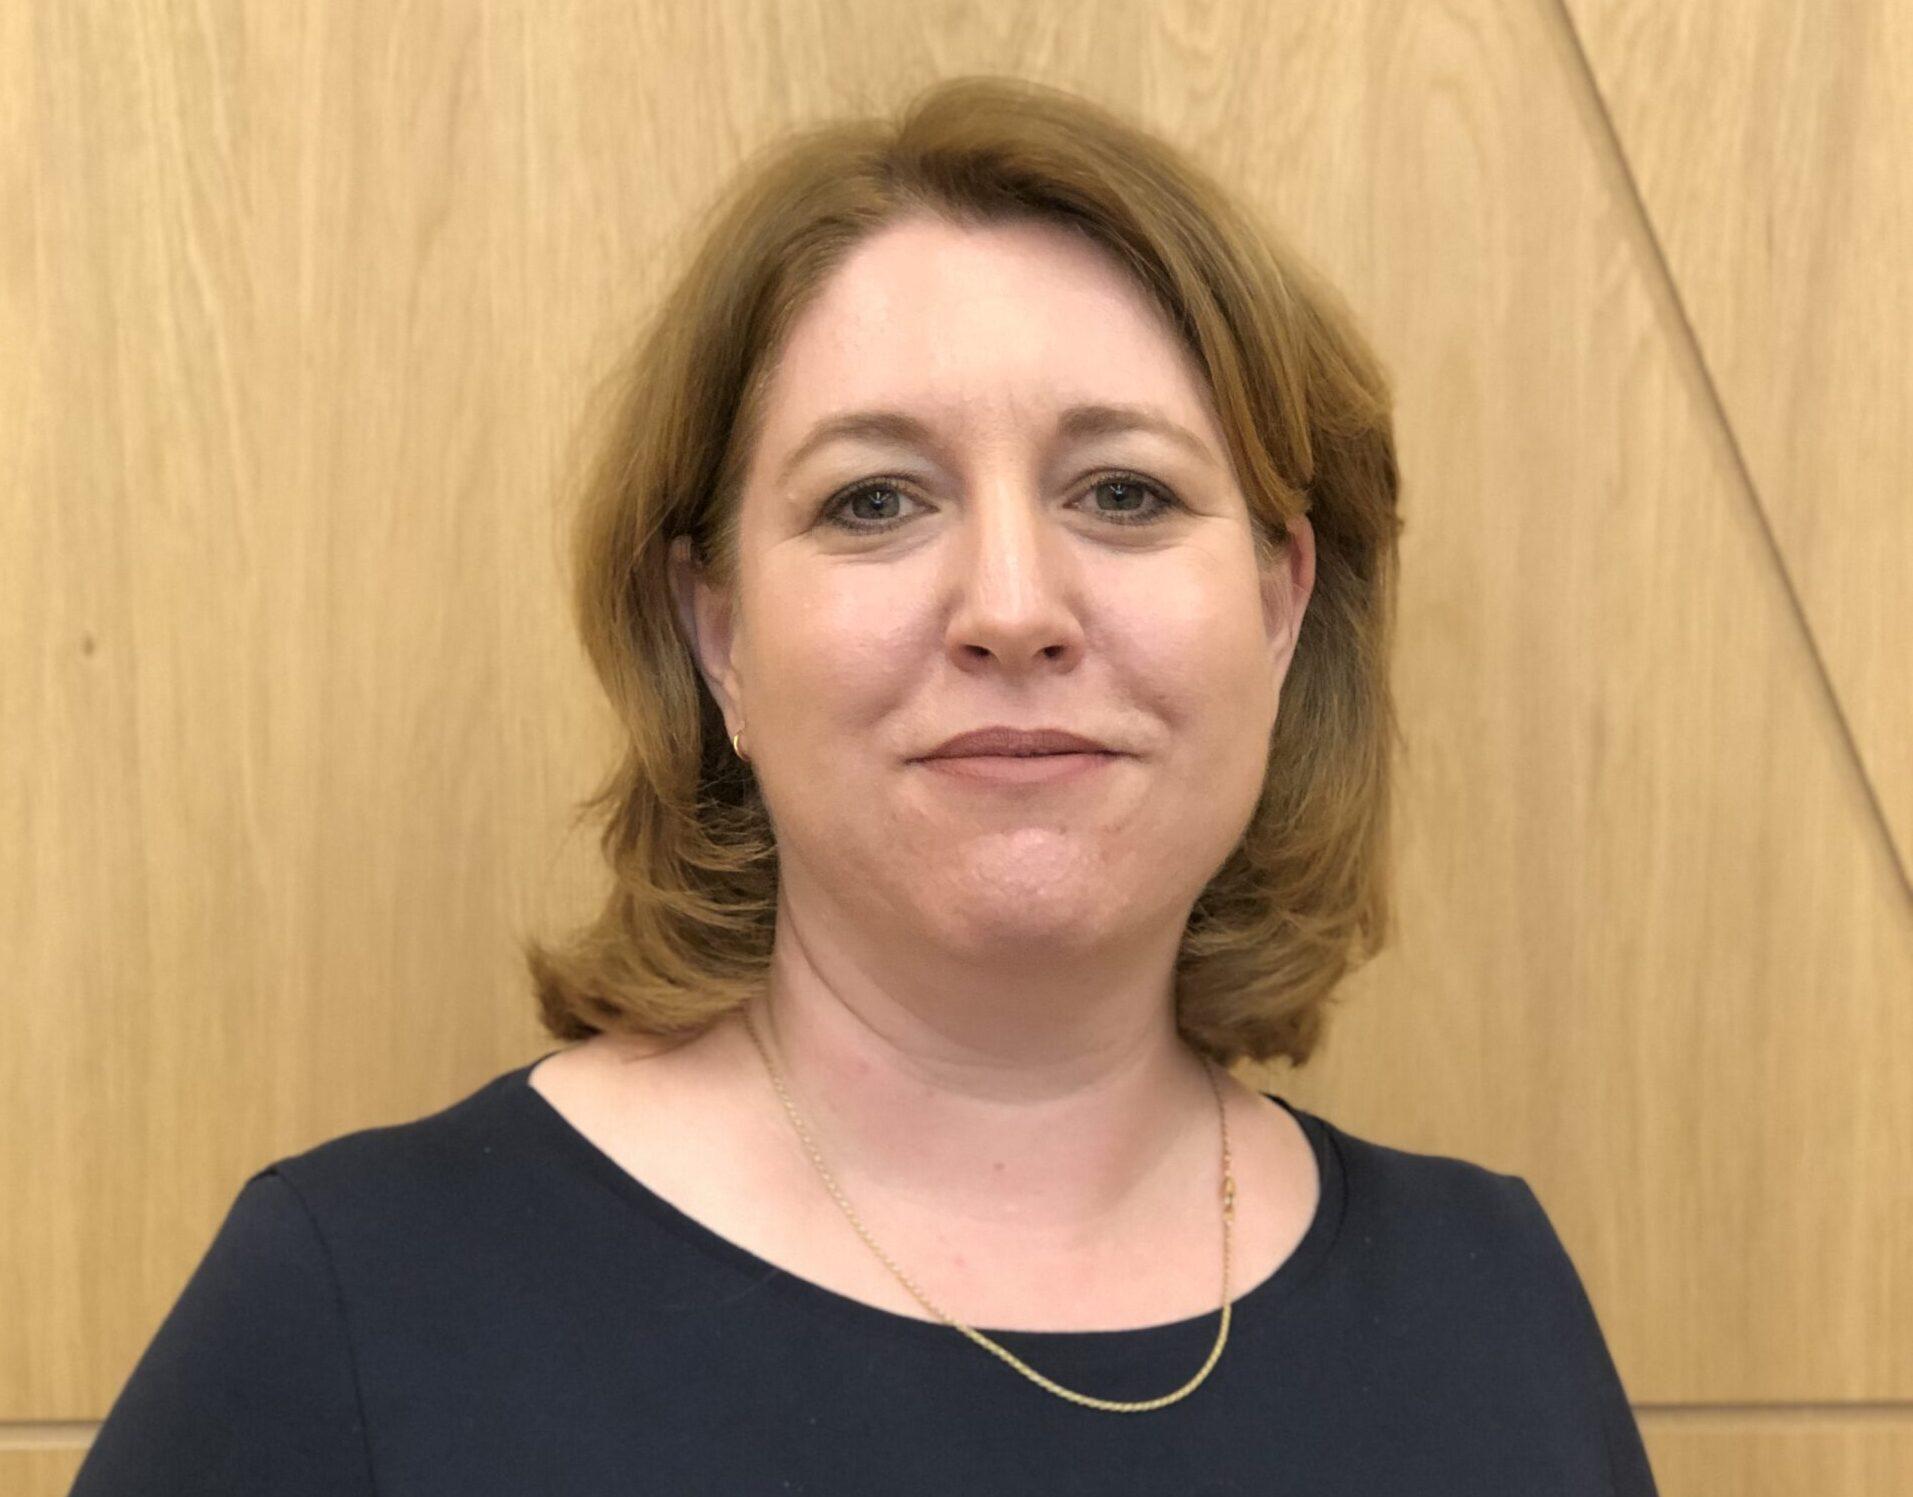 Susanne Tempel - Foto: Raad voor de rechtspraak